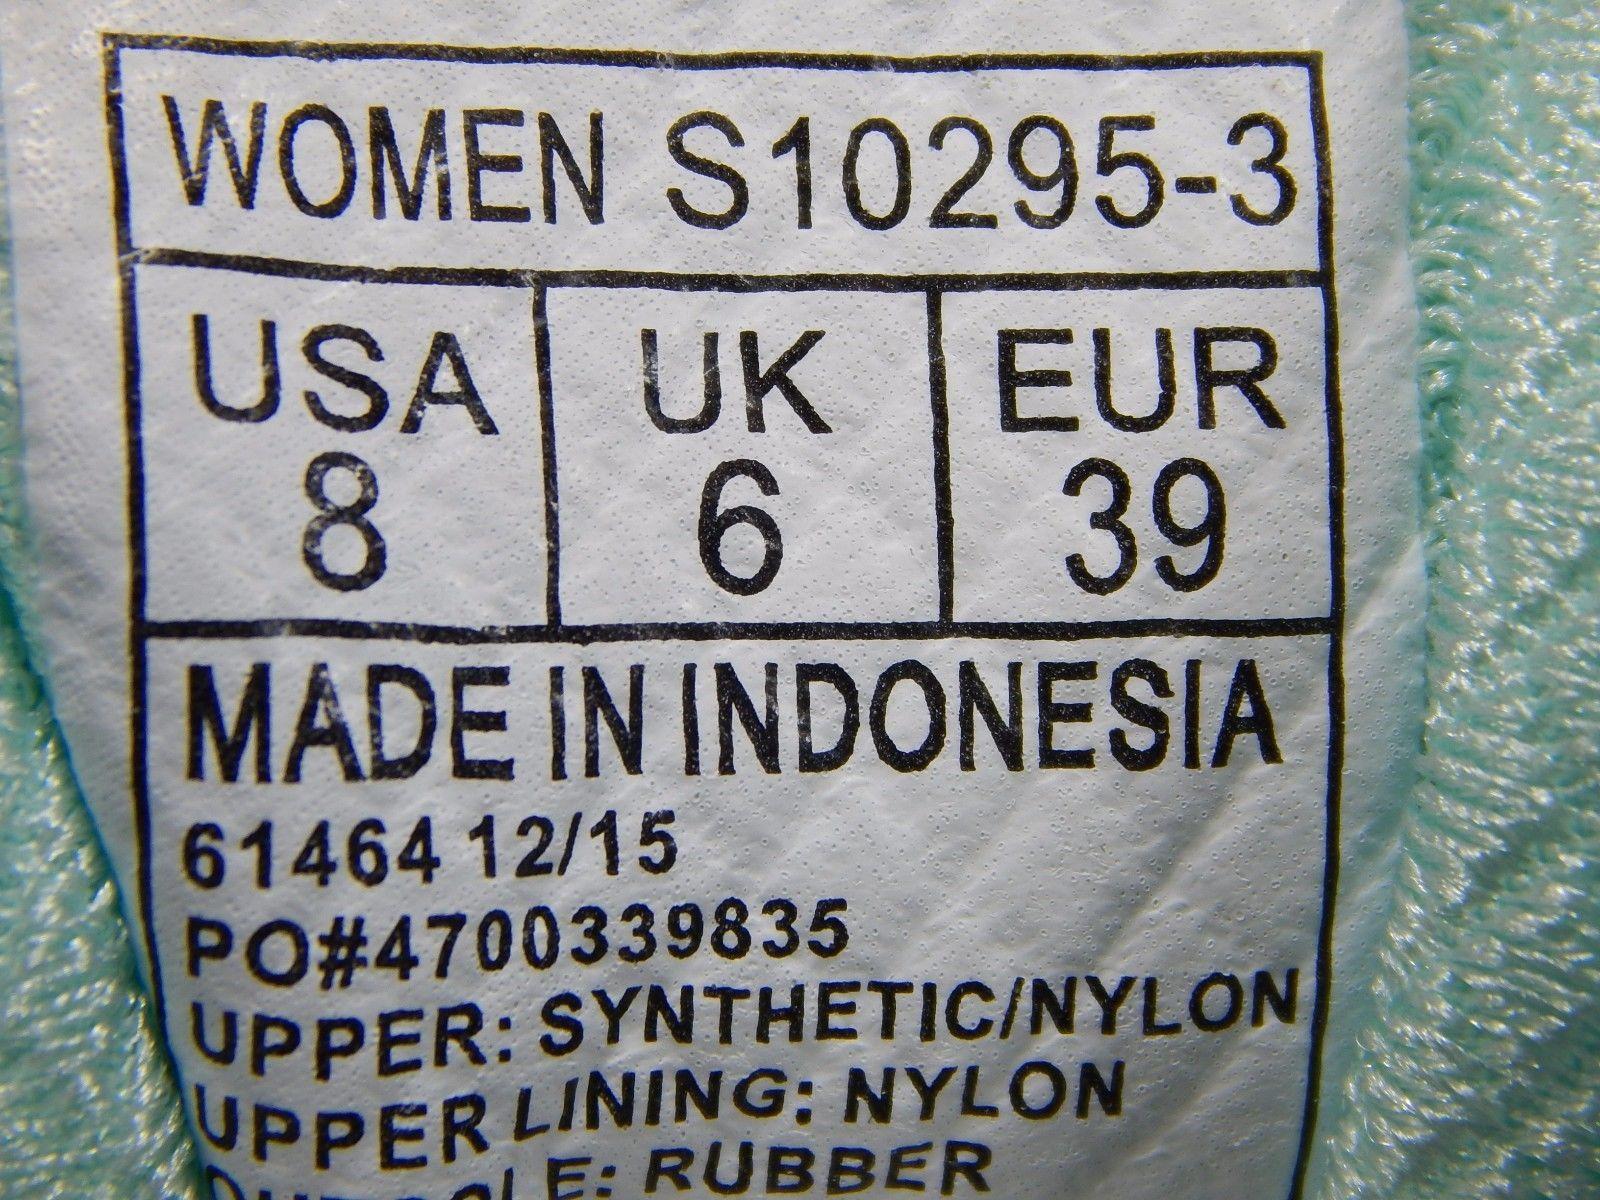 MISMATCH Saucony Guide 9 Women's Shoes Size 8 M (B) Left & Size 9 M (B) Right